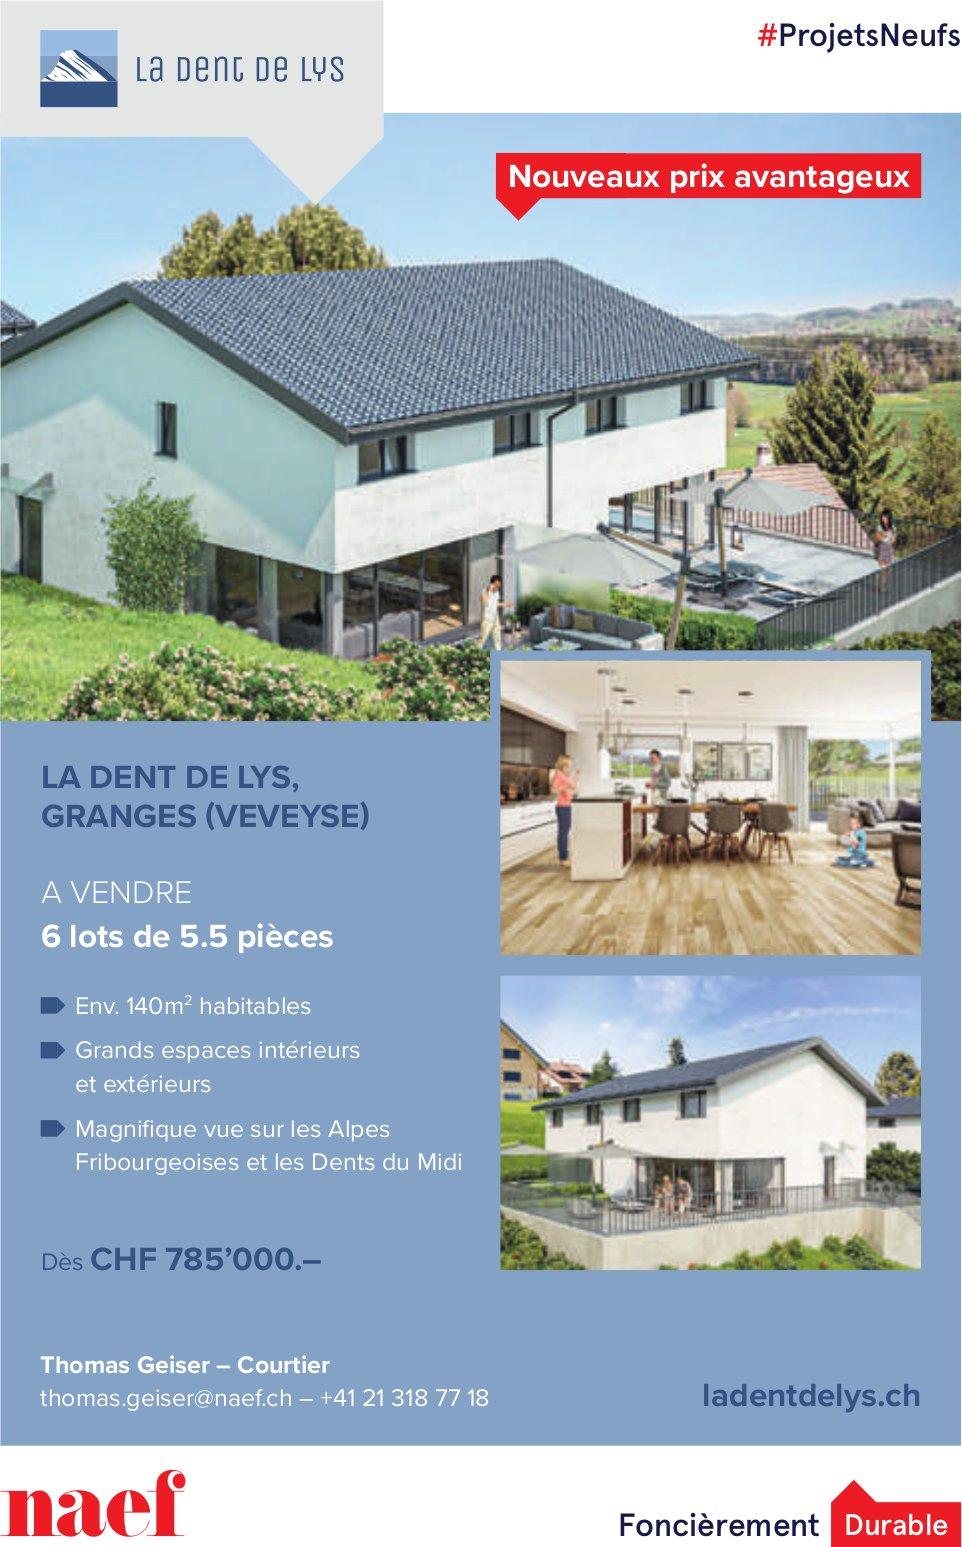 LA DENT DE LYS, 6 lots de 5.5 pièces, Granges (Veveyse), à vendre